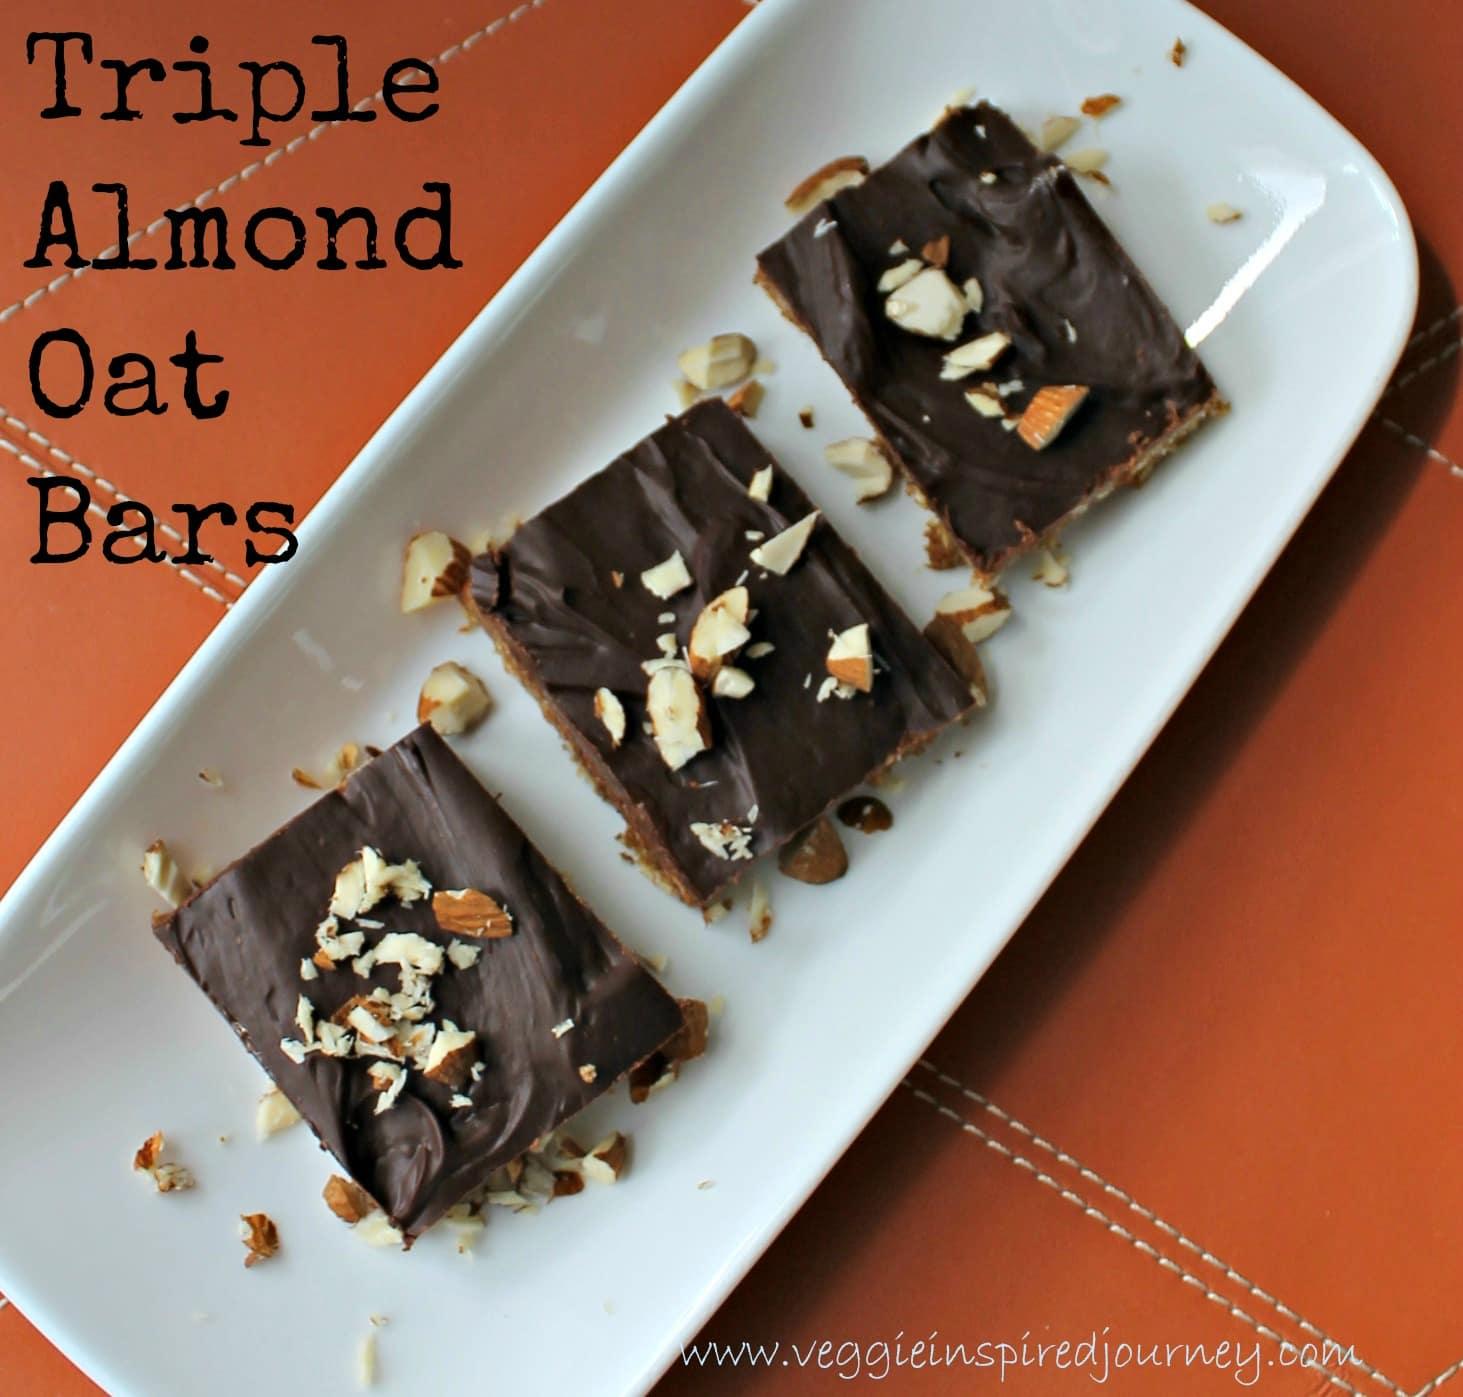 Triple Almond Oat Bars